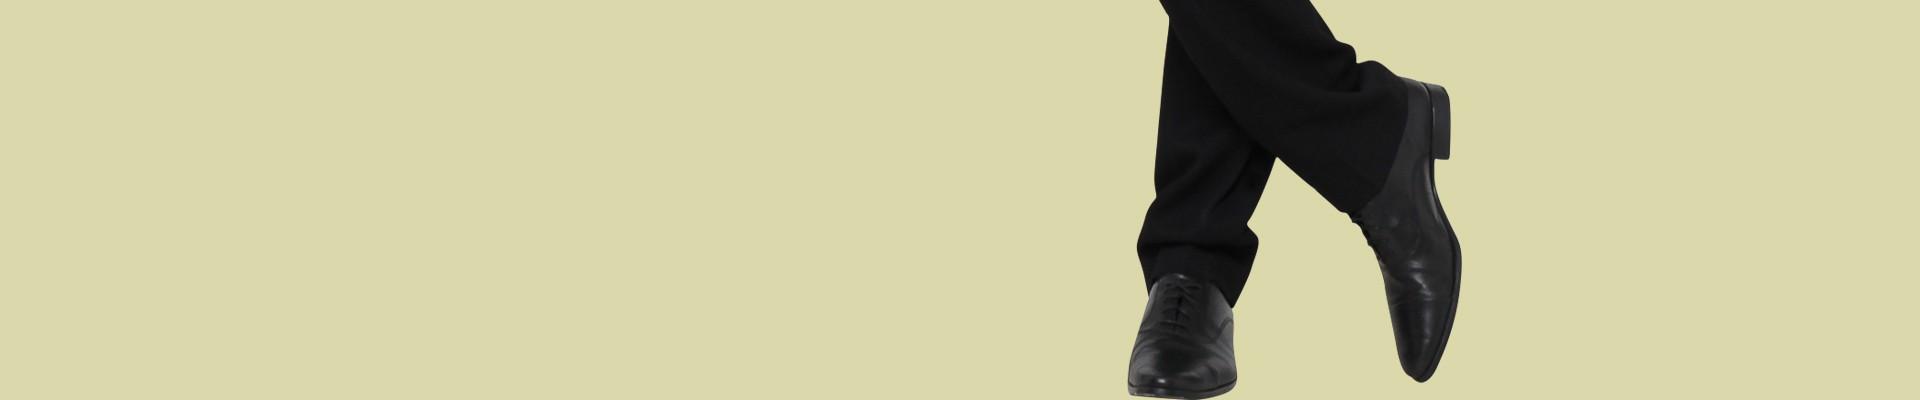 Jual Sepatu Pria   Laki Laki - Model Terbaru   Harga Murah. Sepatu. Sandal  · Sepatu Sandal · Sneakers · Slip On · Loafers · Boots 89e15e99fc